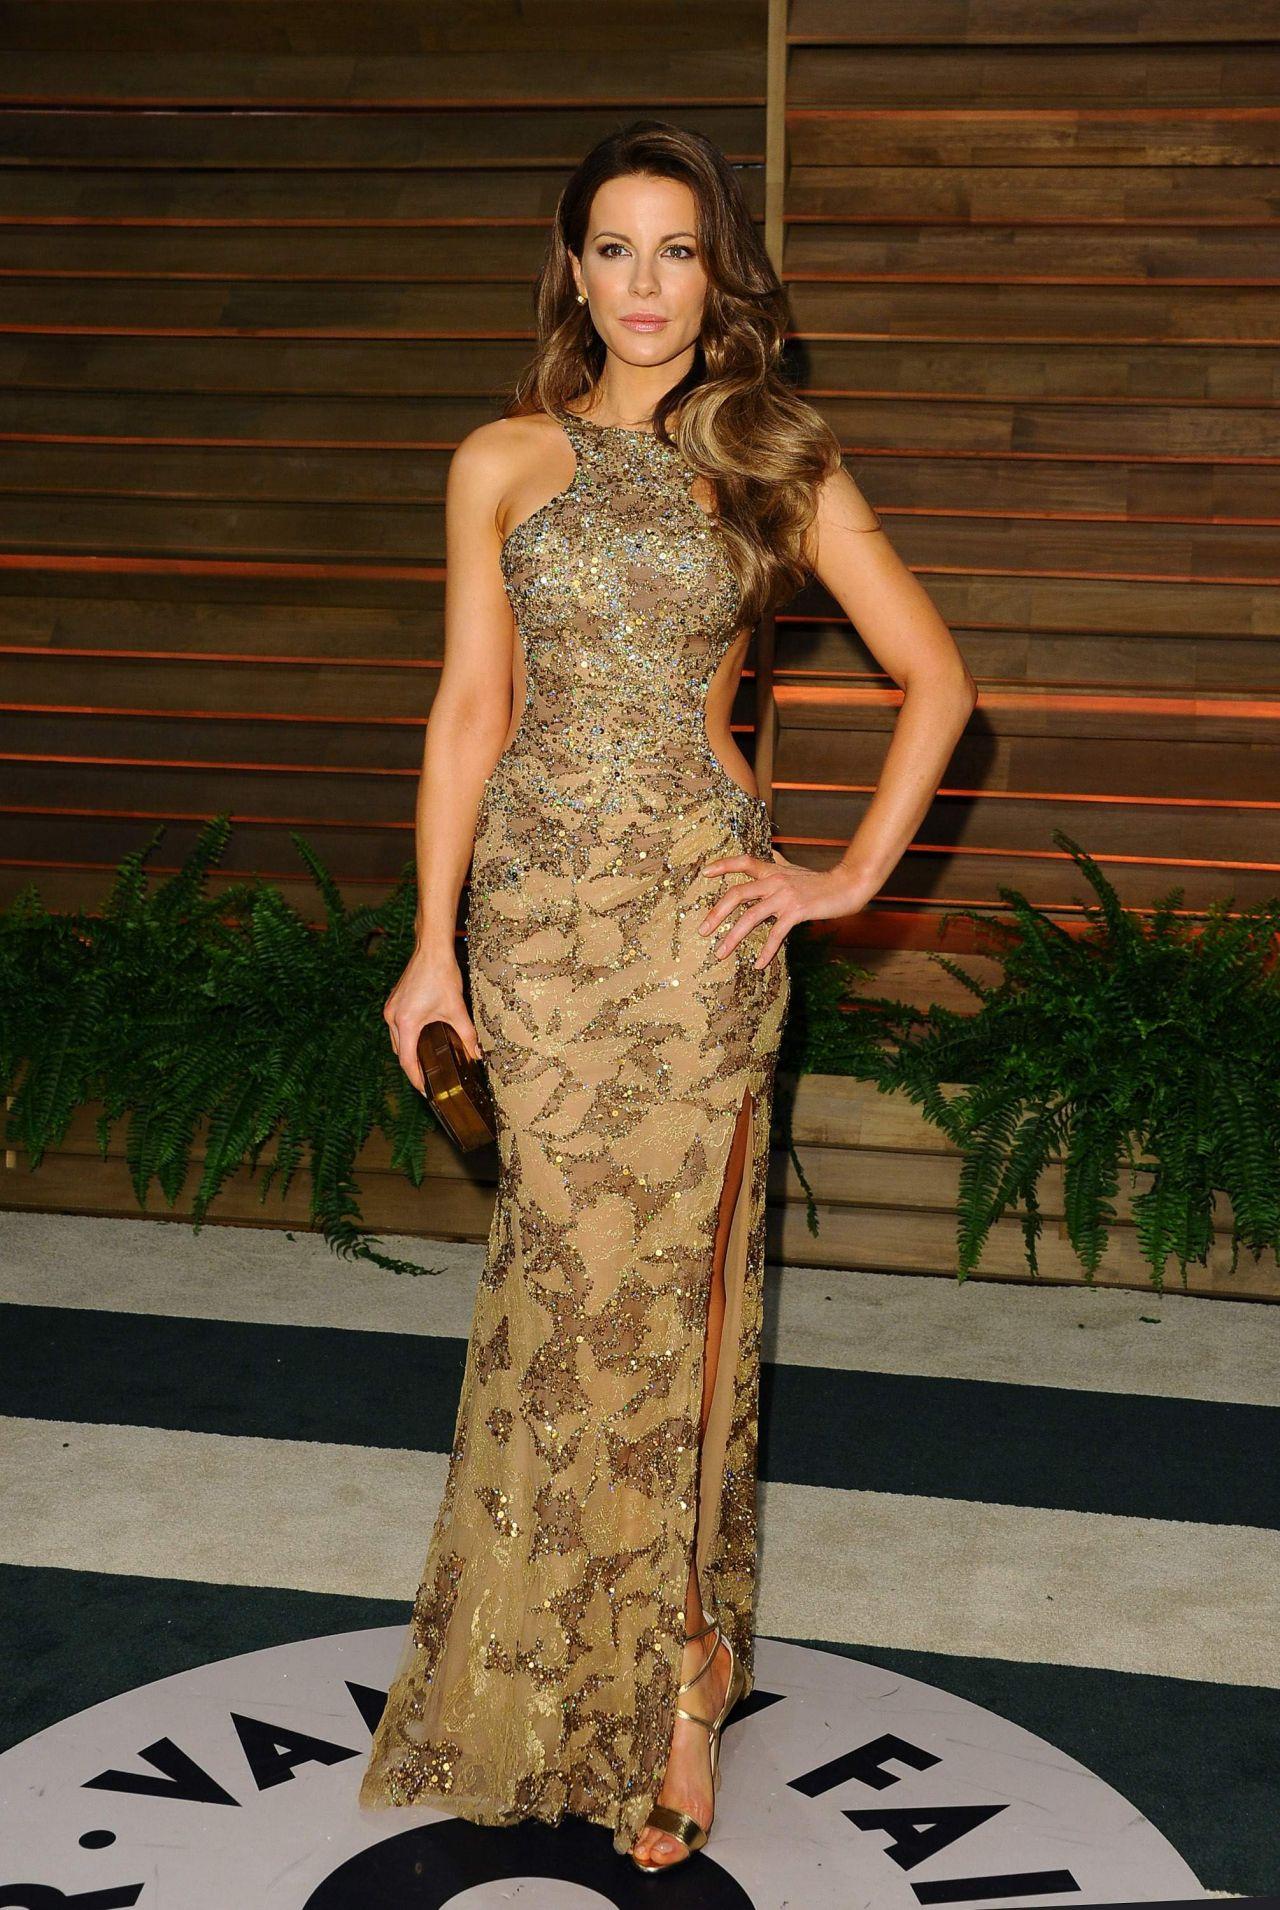 Kate Beckinsale Wearing Elie Saab Gown 2014 Vanity Fair Oscar Party